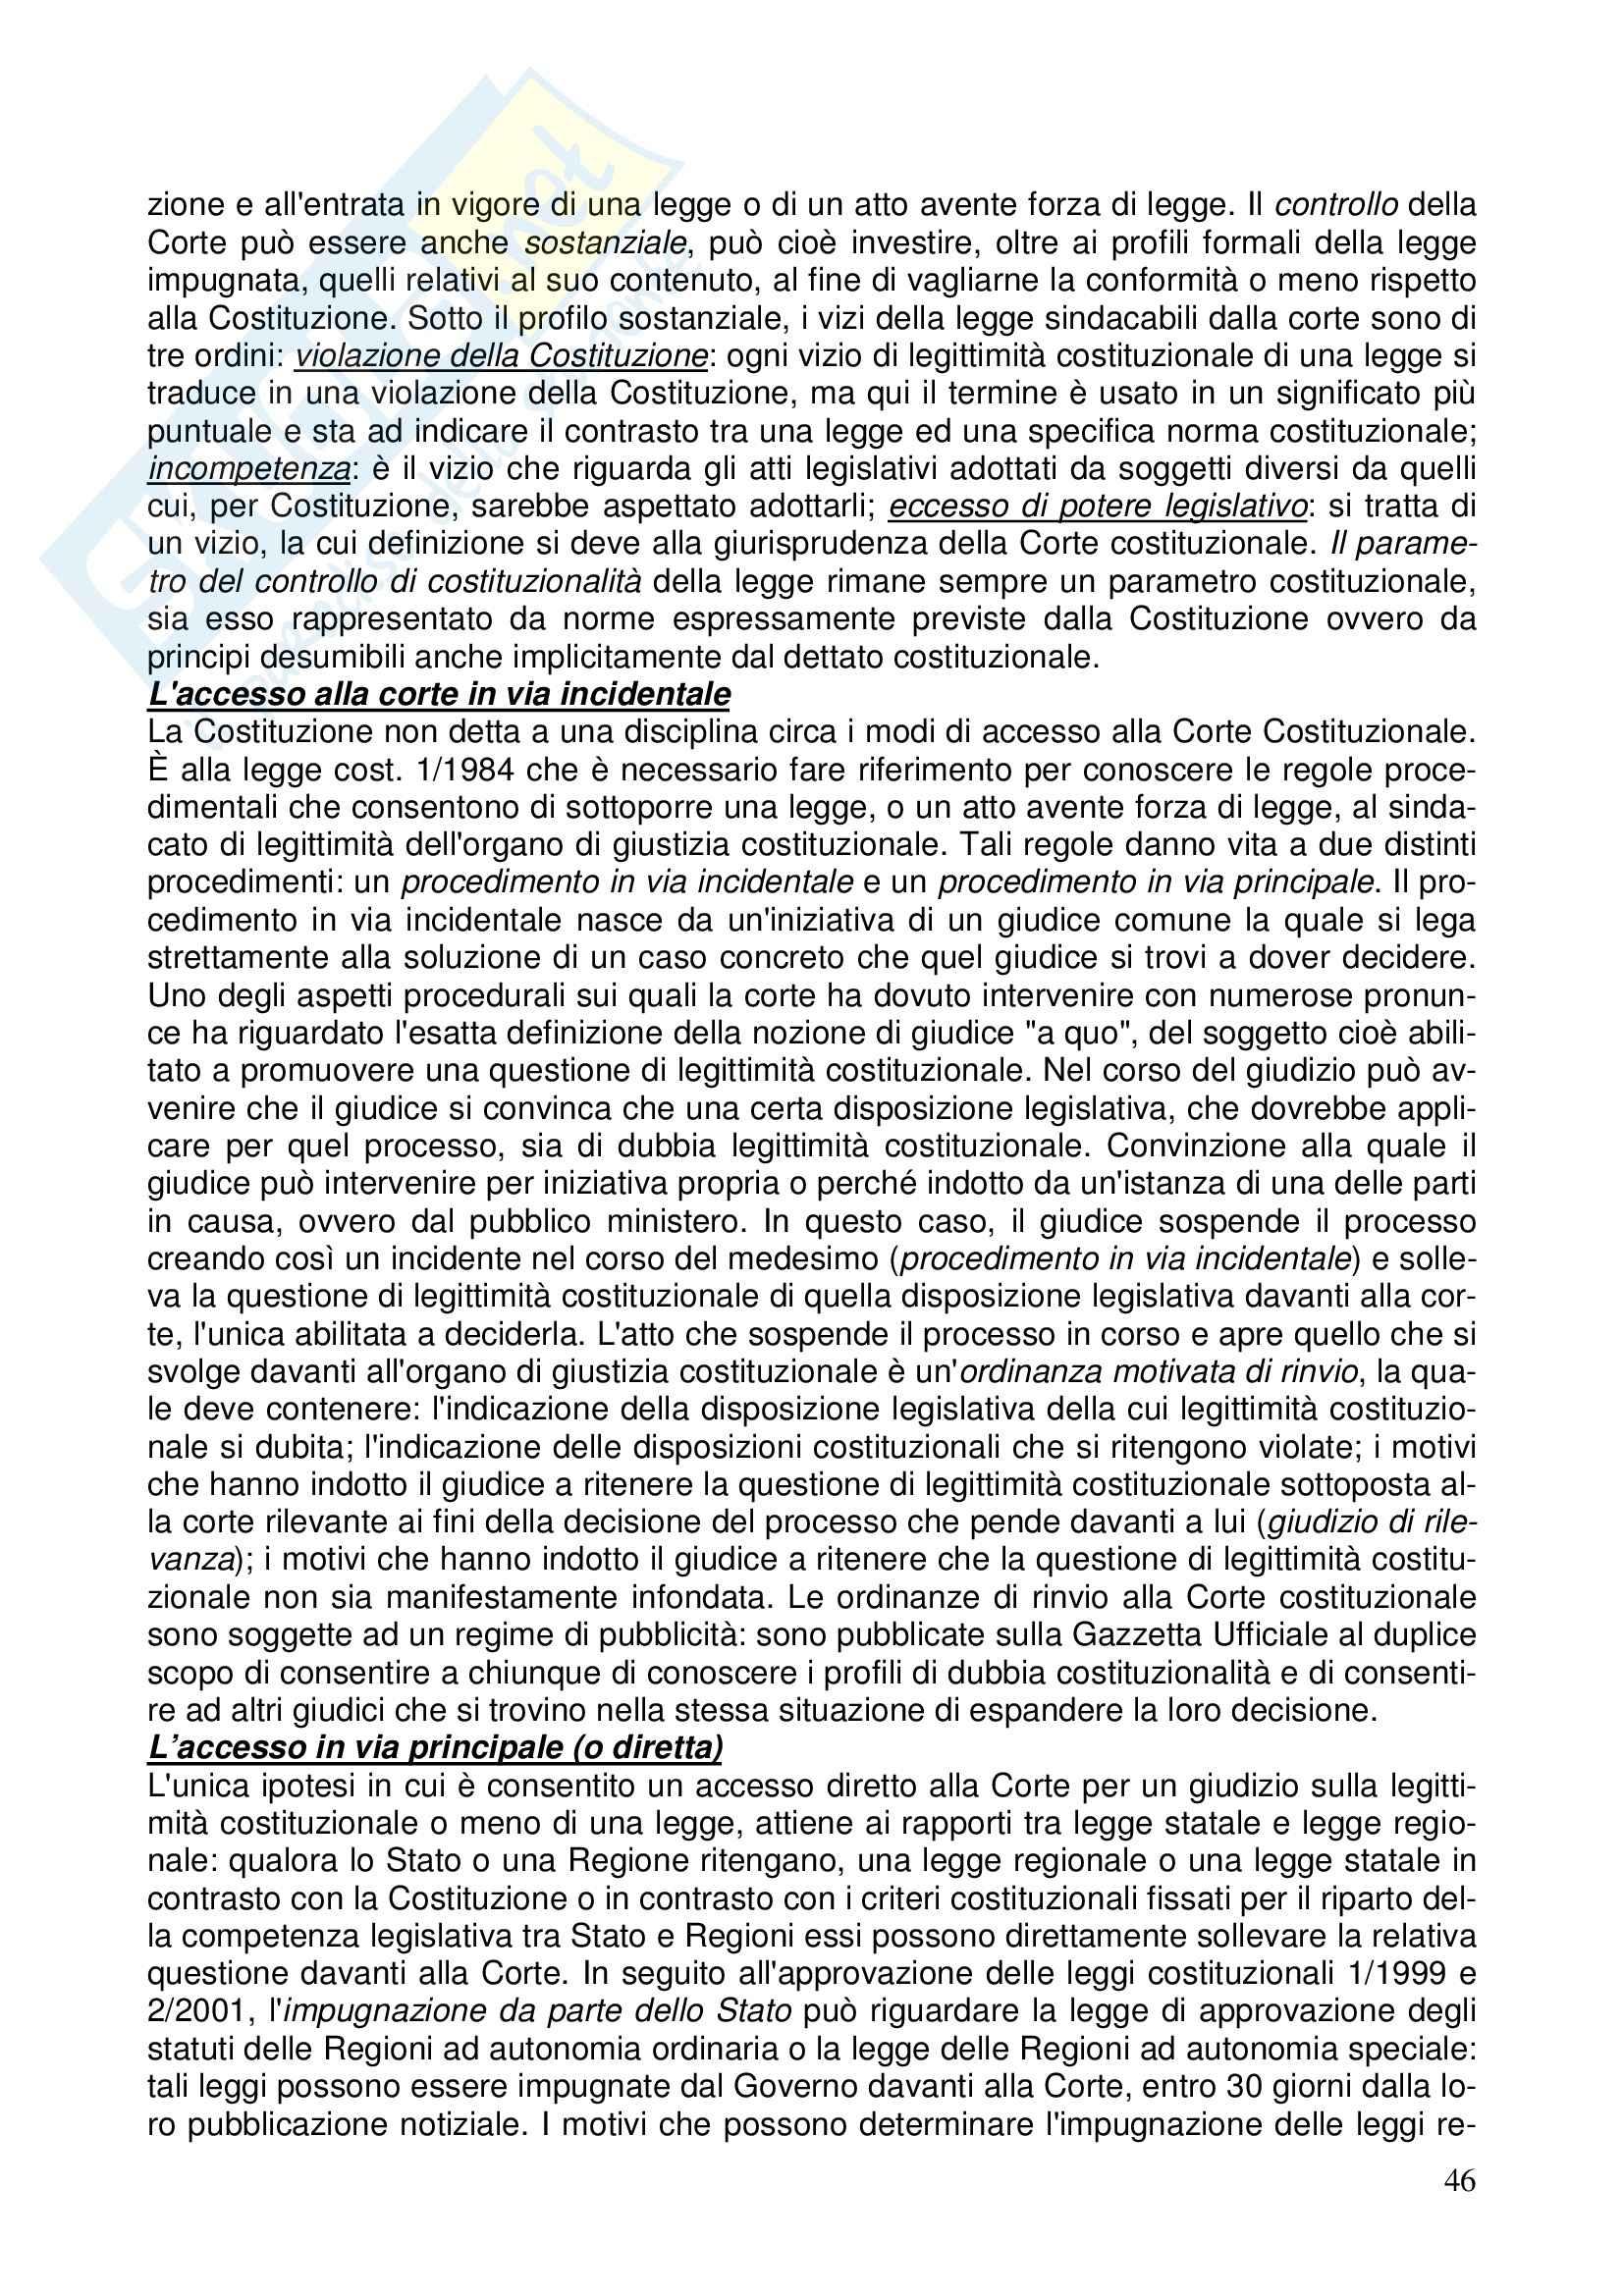 Diritto costituzionale - Riassunto esame, prof. Girelli Pag. 46